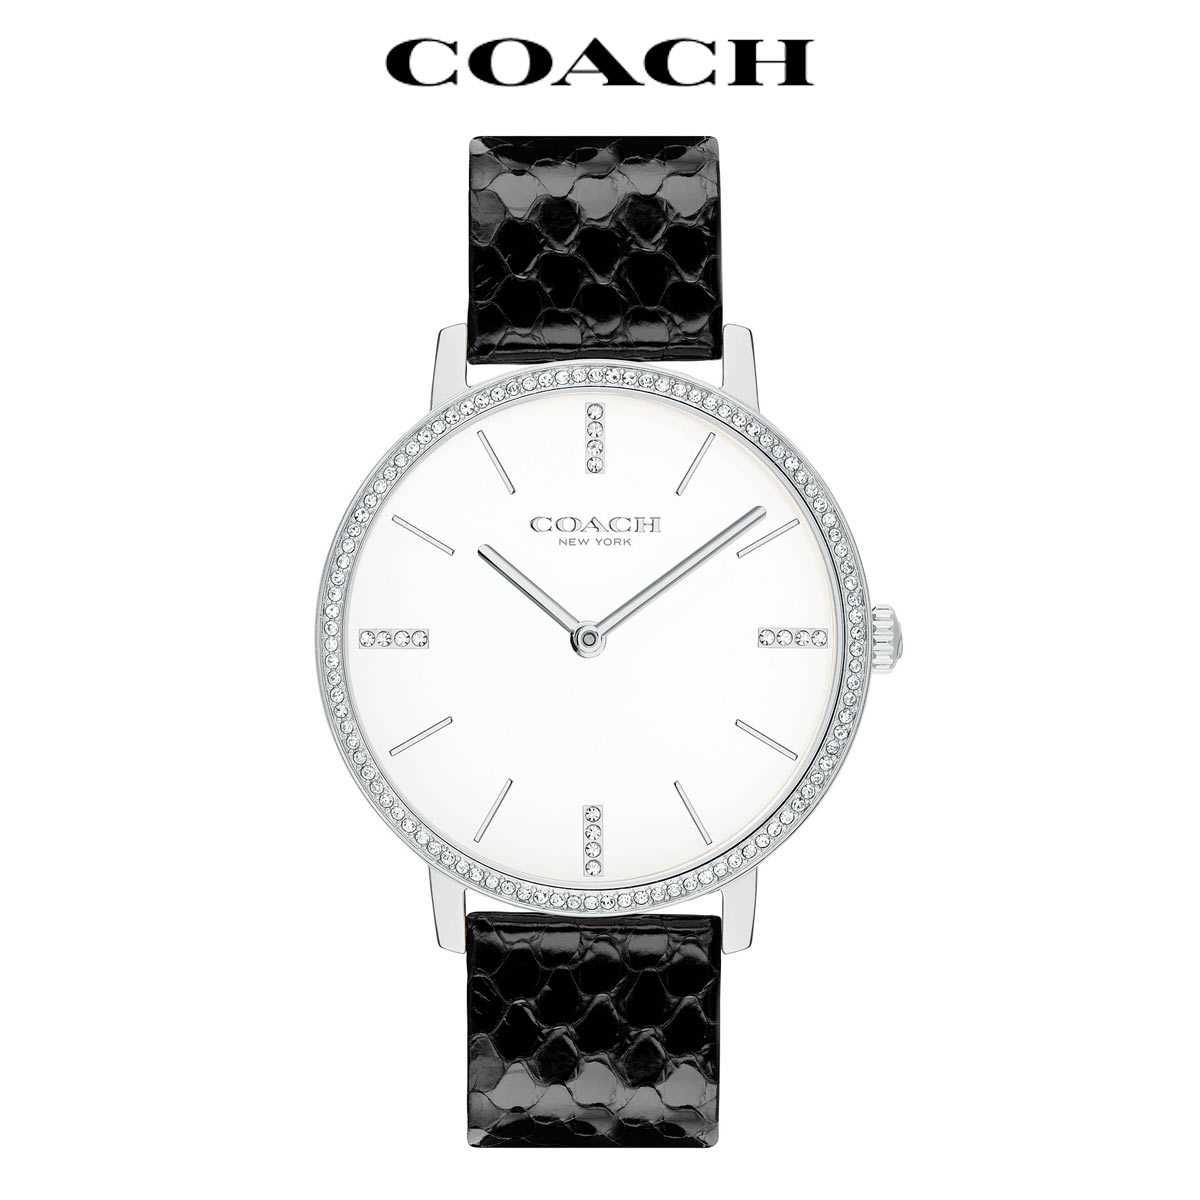 コーチ 腕時計 レディース ブランド 中古 時計 かわいい 後払い オードリー 女性 Audrey おしゃれ COACH 世界の人気ブランド